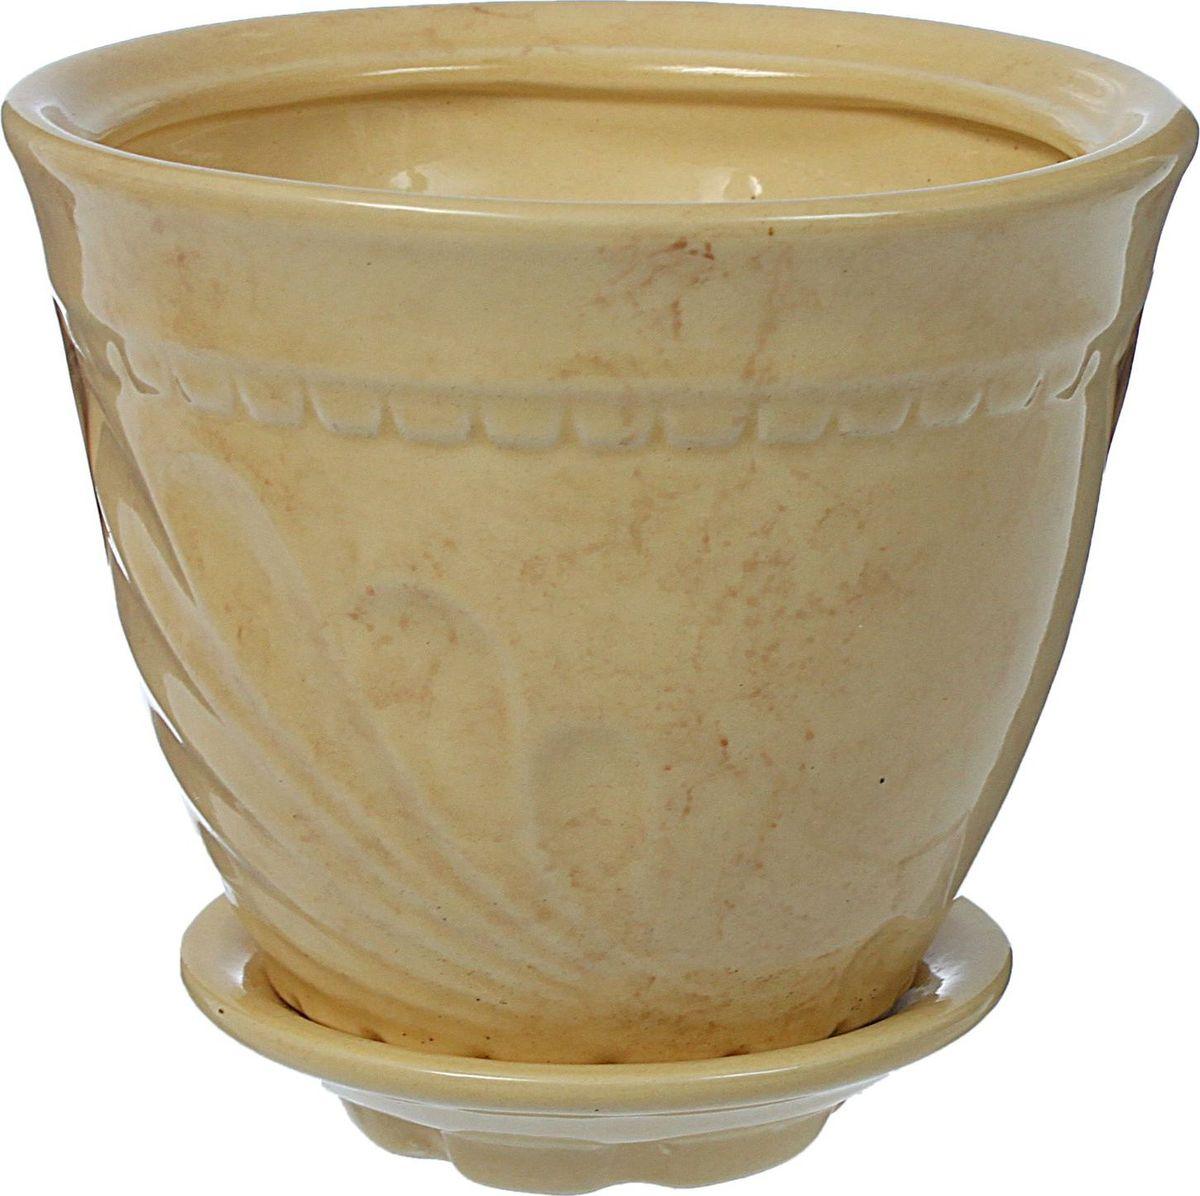 Кашпо Ландыш, цвет: бежевый, 1 л839649Кашпо Ландыш выполнено из керамики. Комнатные растения - всеобщие любимцы. Они радуют глаз, насыщают помещение кислородом и украшают пространство. Каждому из них необходим свой удобный и красивый дом. Кашпо из керамики прекрасно подходят для высадки растений: - за счёт пластичности глины и разных способов обработки существует великое множество форм и дизайнов- пористый материал позволяет испаряться лишней влаге - воздух, необходимый для дыхания корней, проникает сквозь керамические стенки! Кашпо Ландыш позаботится о зелёном питомце, освежит интерьер и подчеркнёт его стиль.